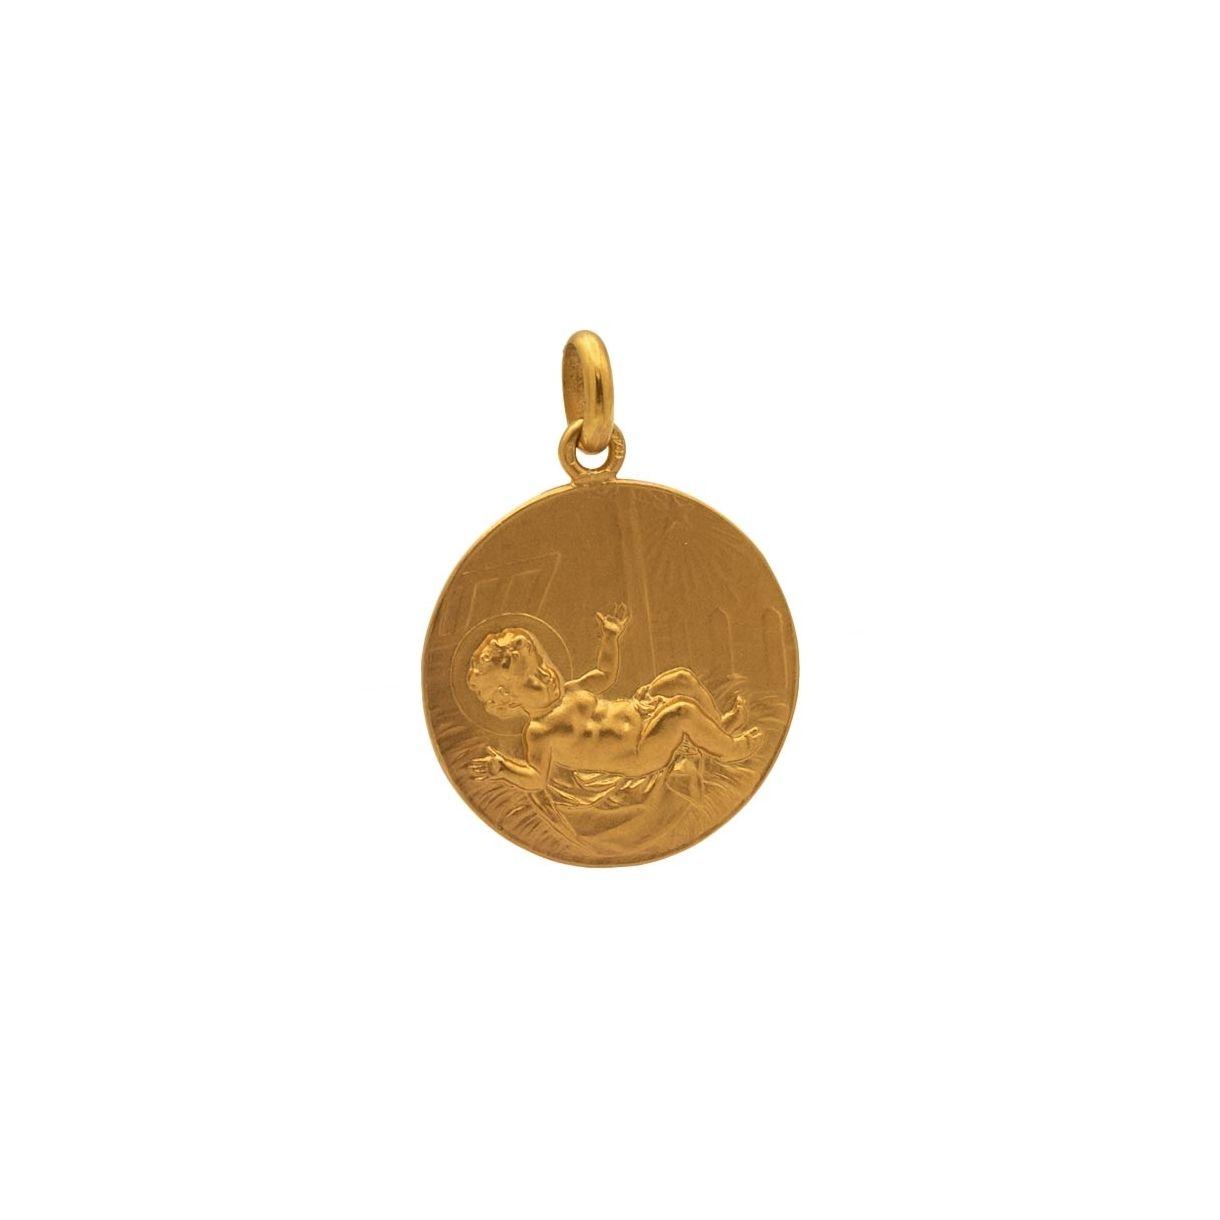 Medalla con imagen de niño entre pajas